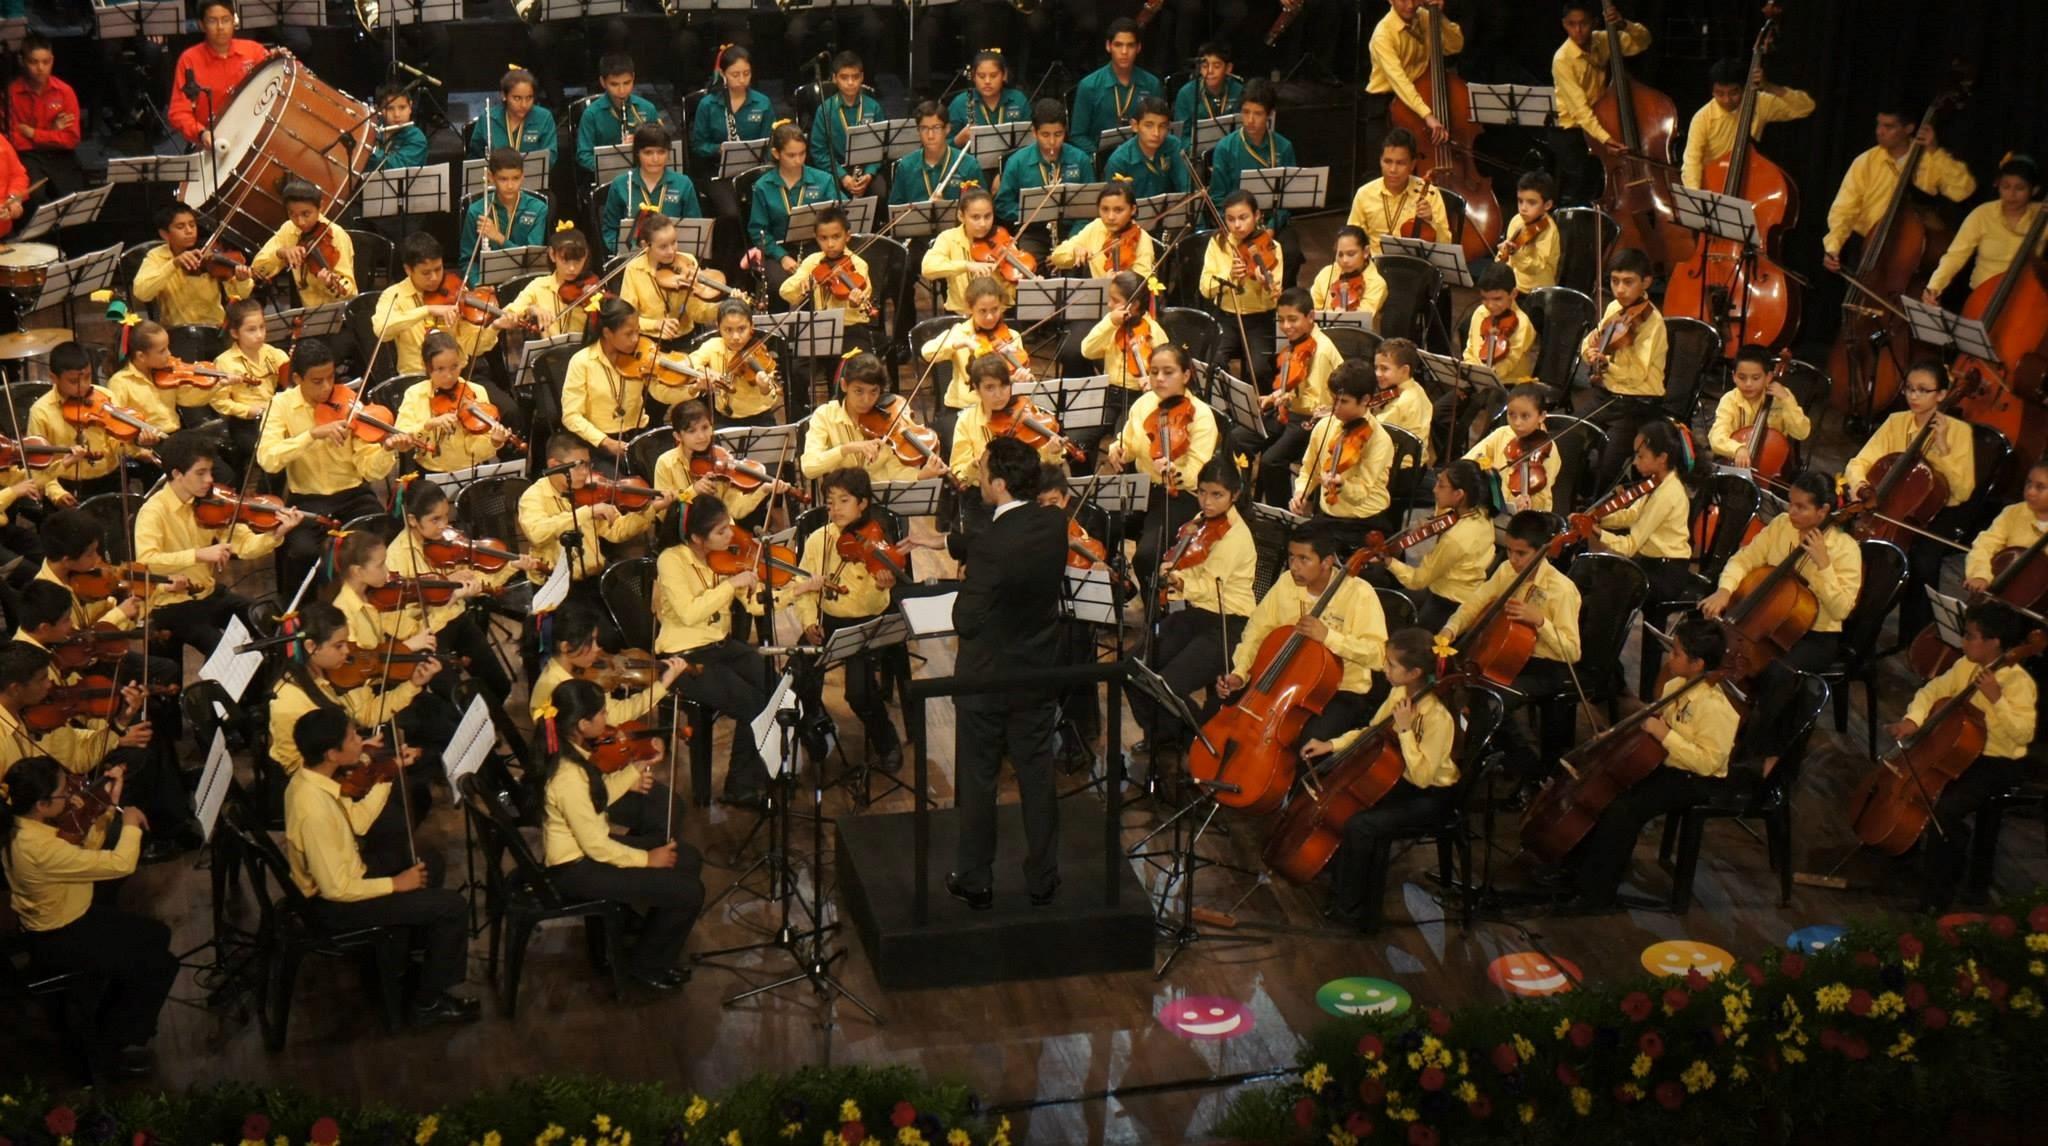 Proyecto musicosocial Fundación Azteca (El Salvador). Martín Jorge a la batuta.